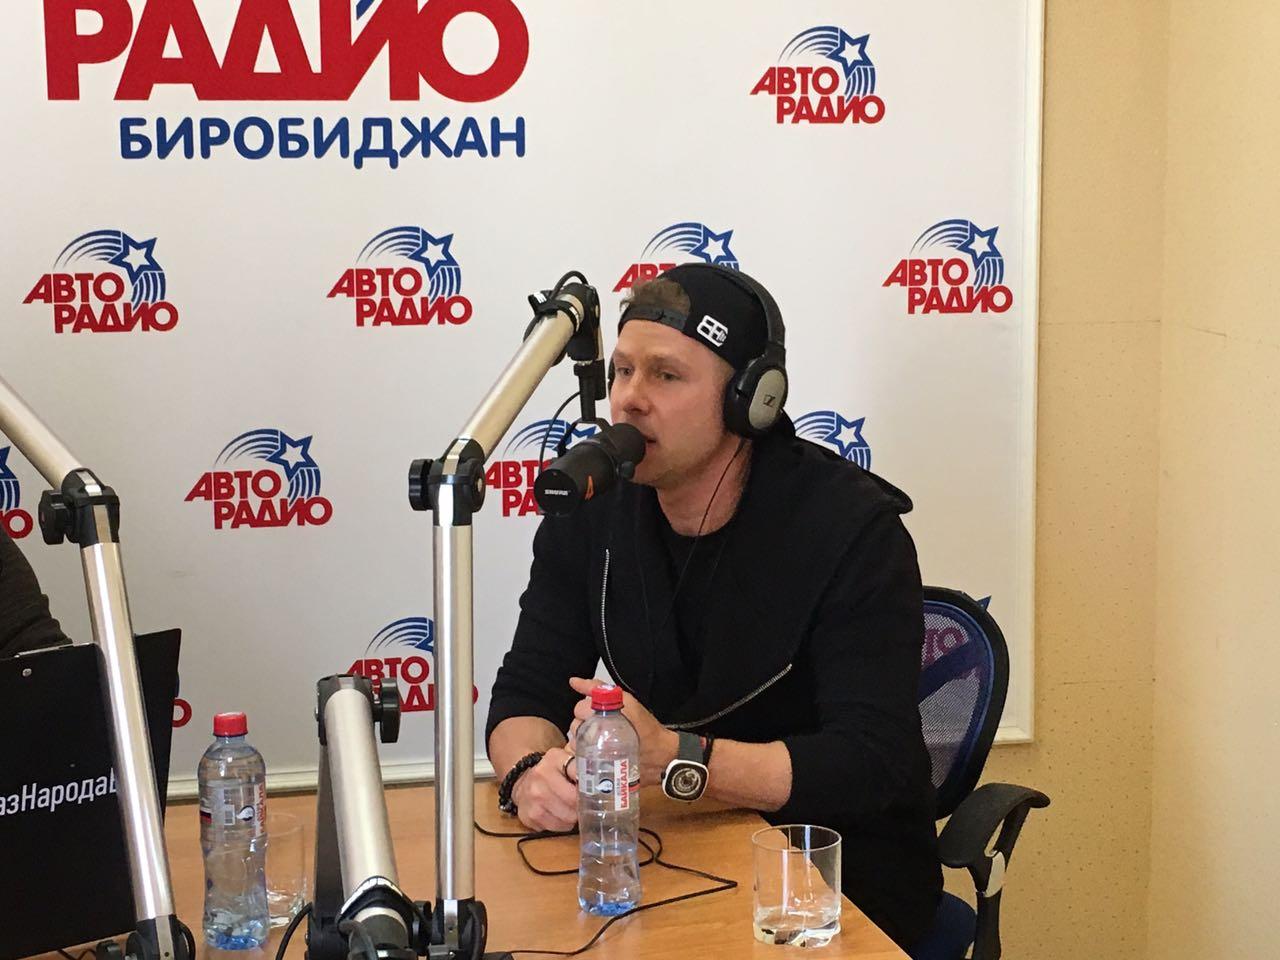 Русское радио в биробиджане